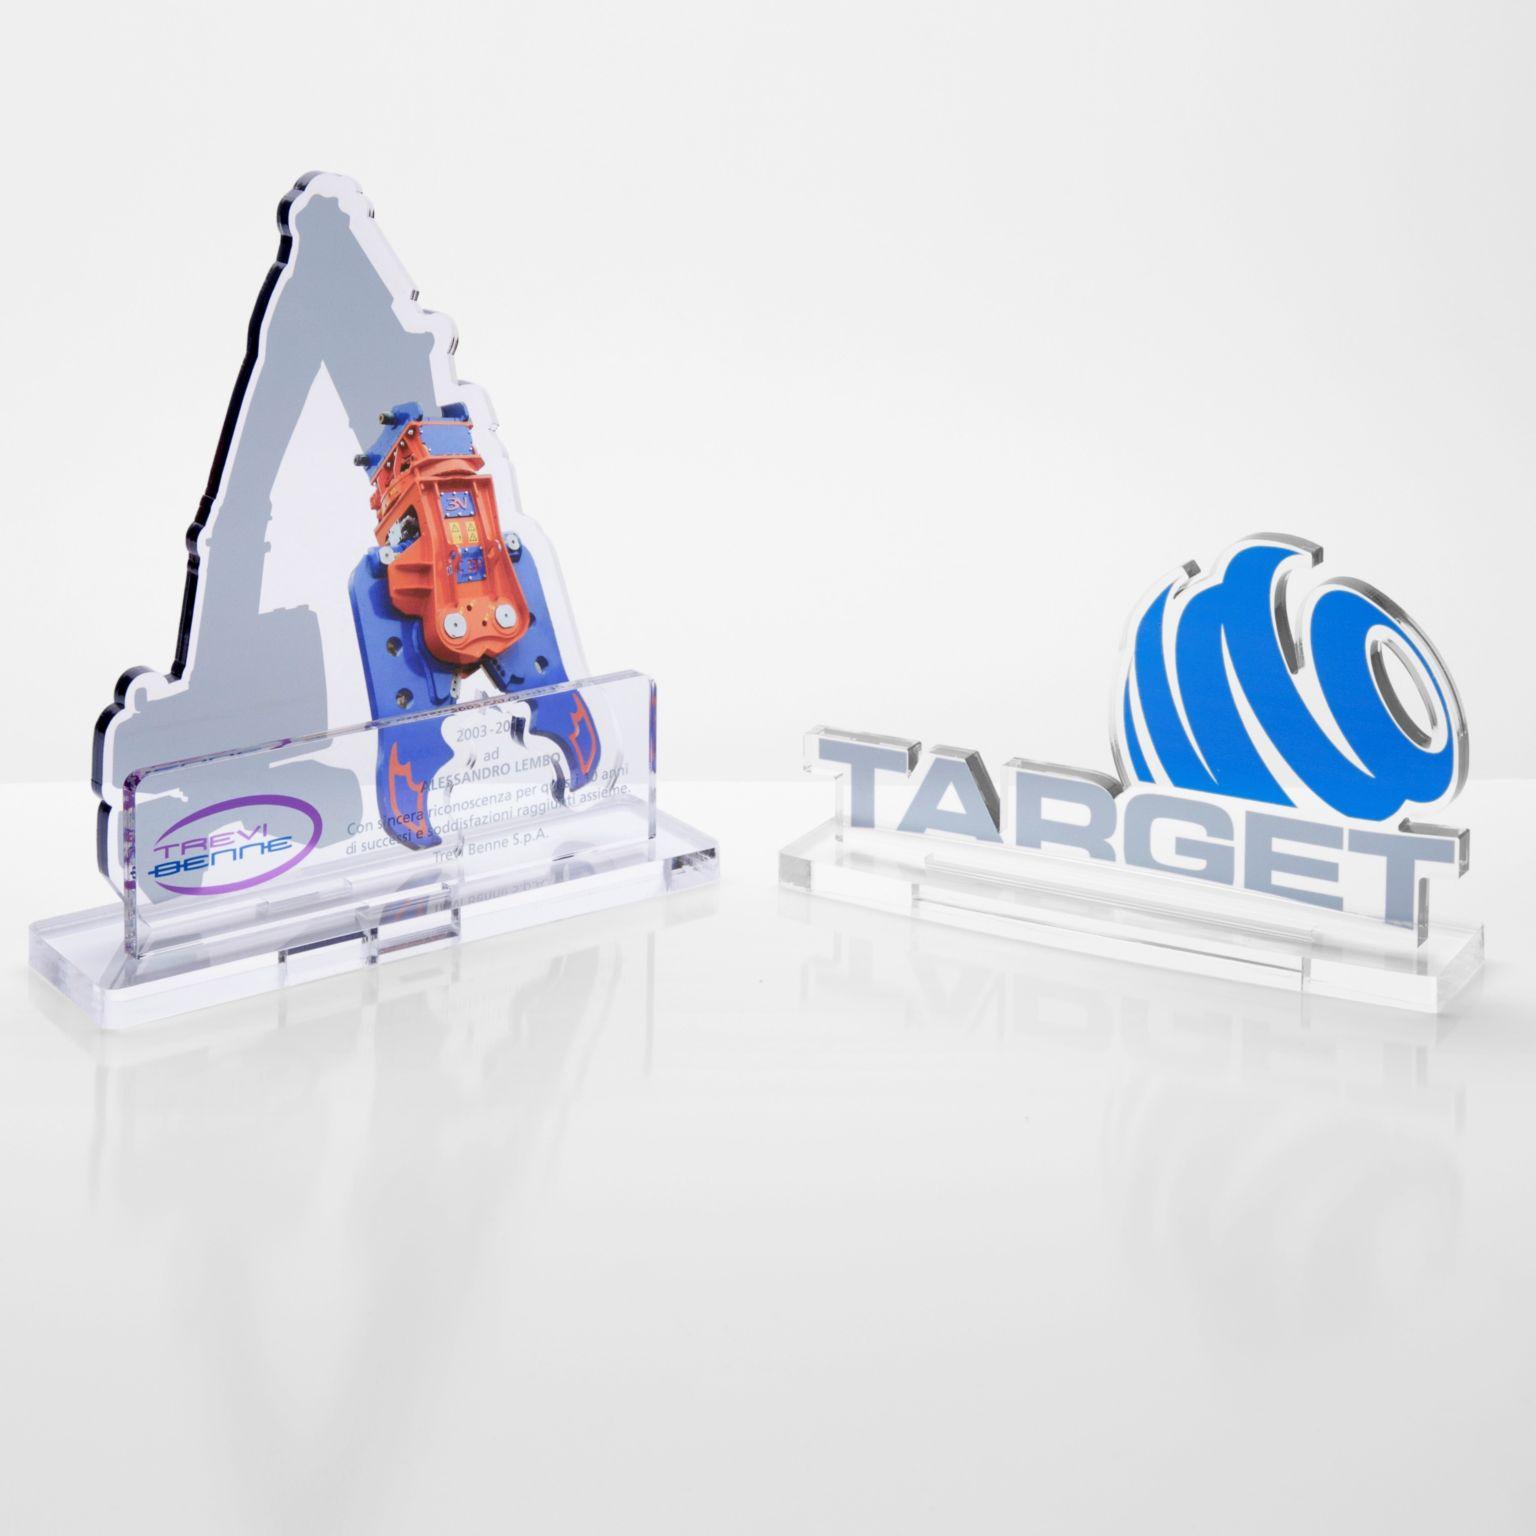 Trophées et plaques personnalisables Objets publicitaires  personnalisation  FRANCE SUD PIERRE LASER STYLE ITALIA goodies personnalisation marseille